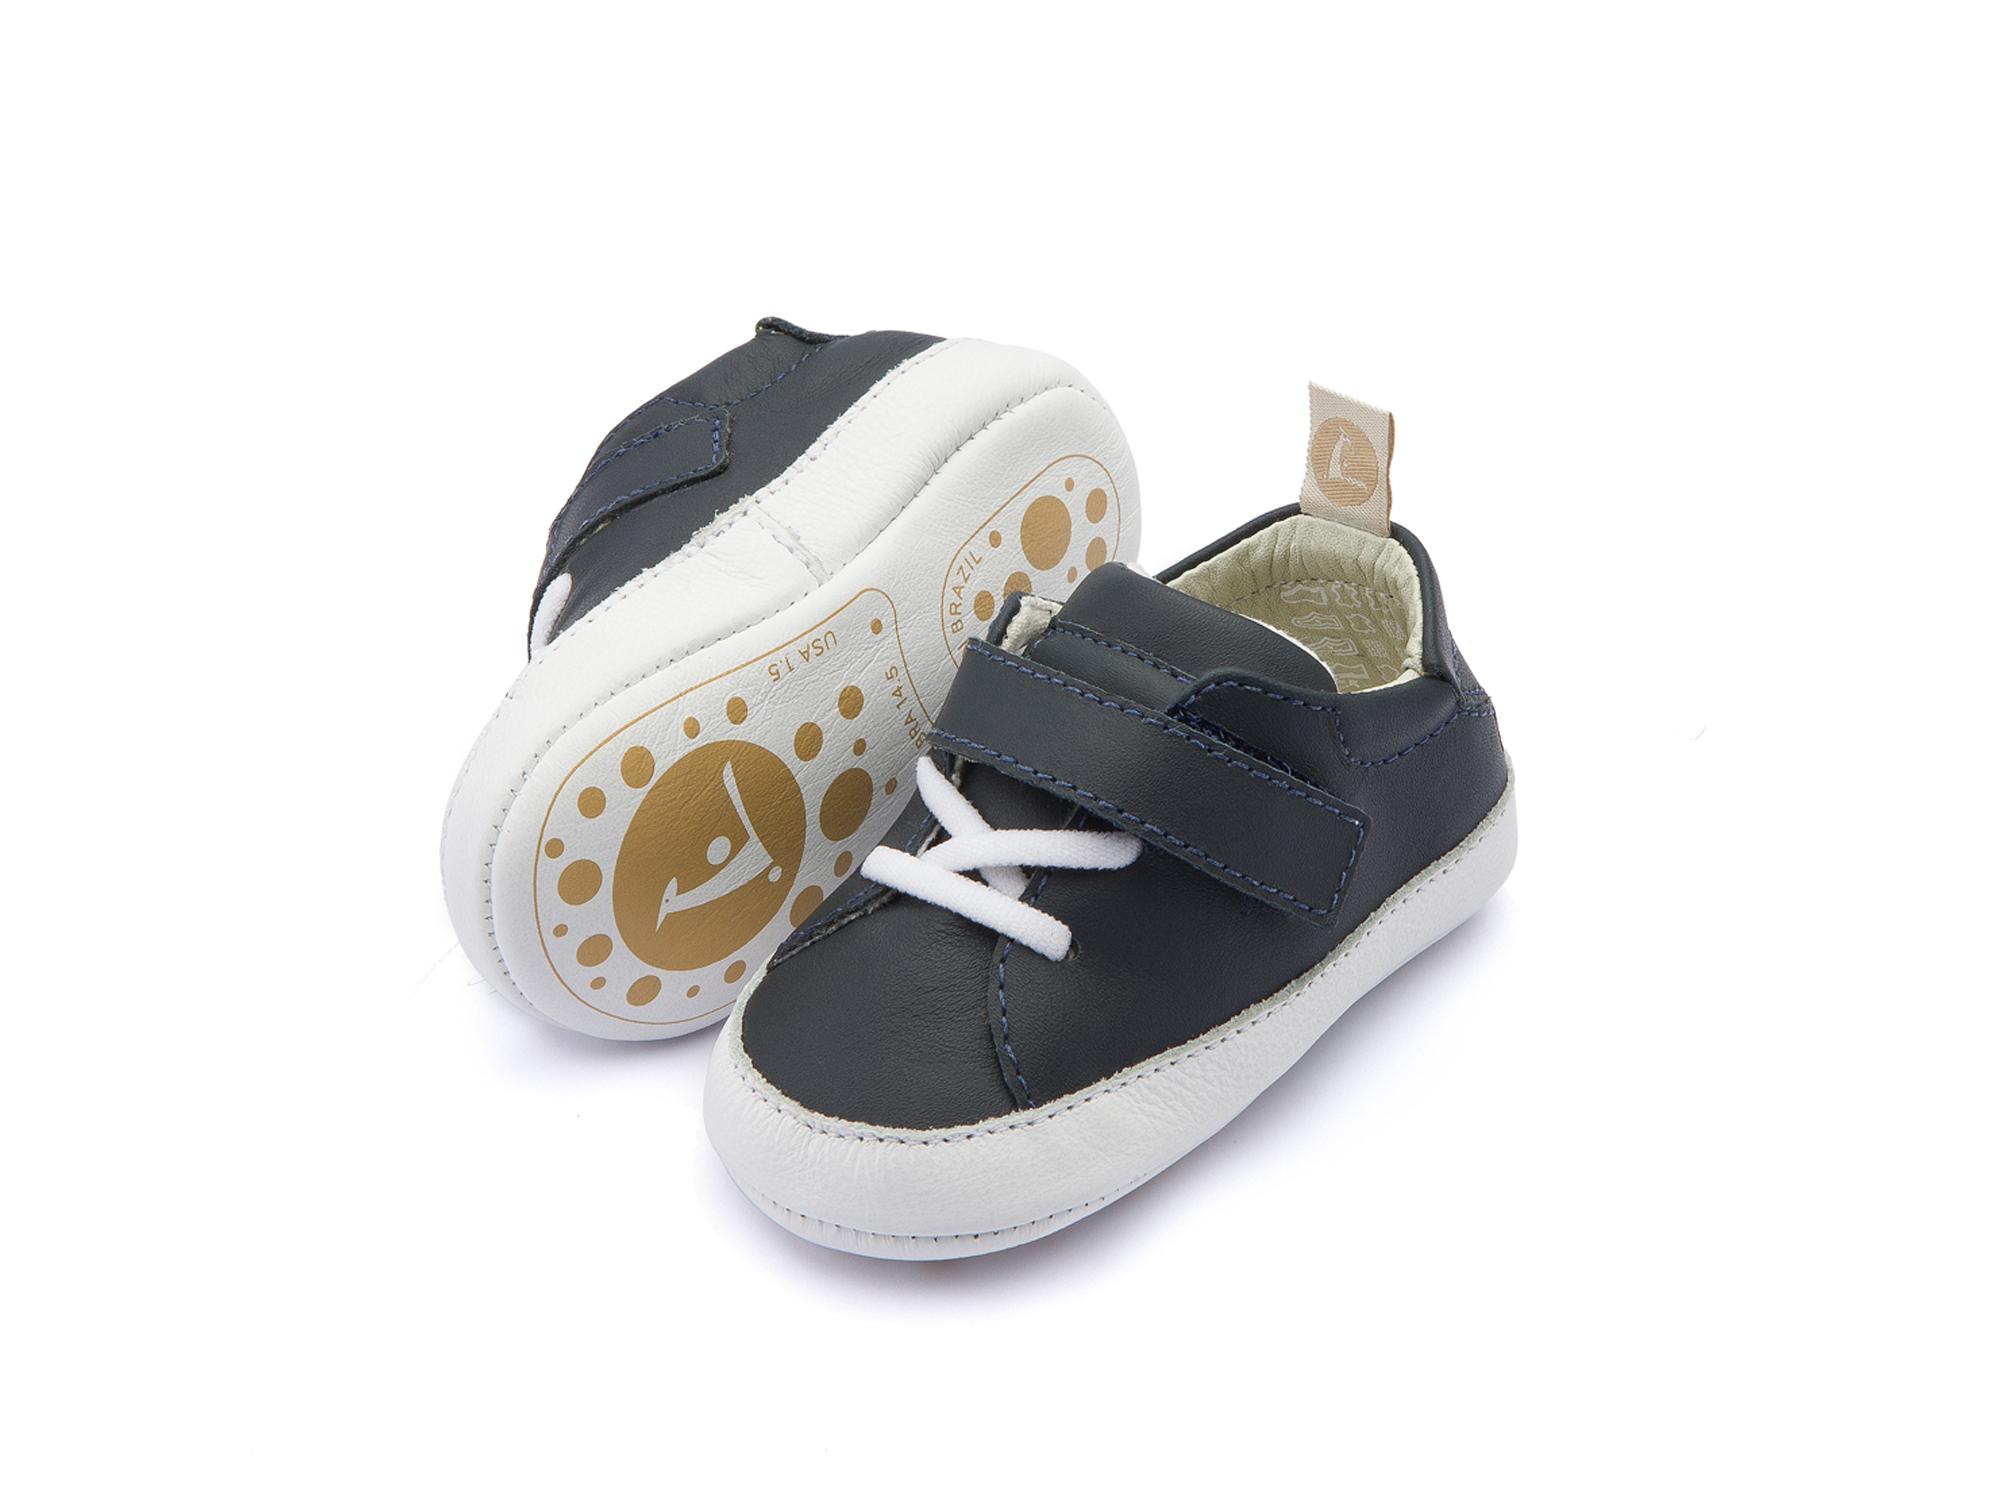 Tênis Light Navy/ White Baby 0 à 2 anos - 2